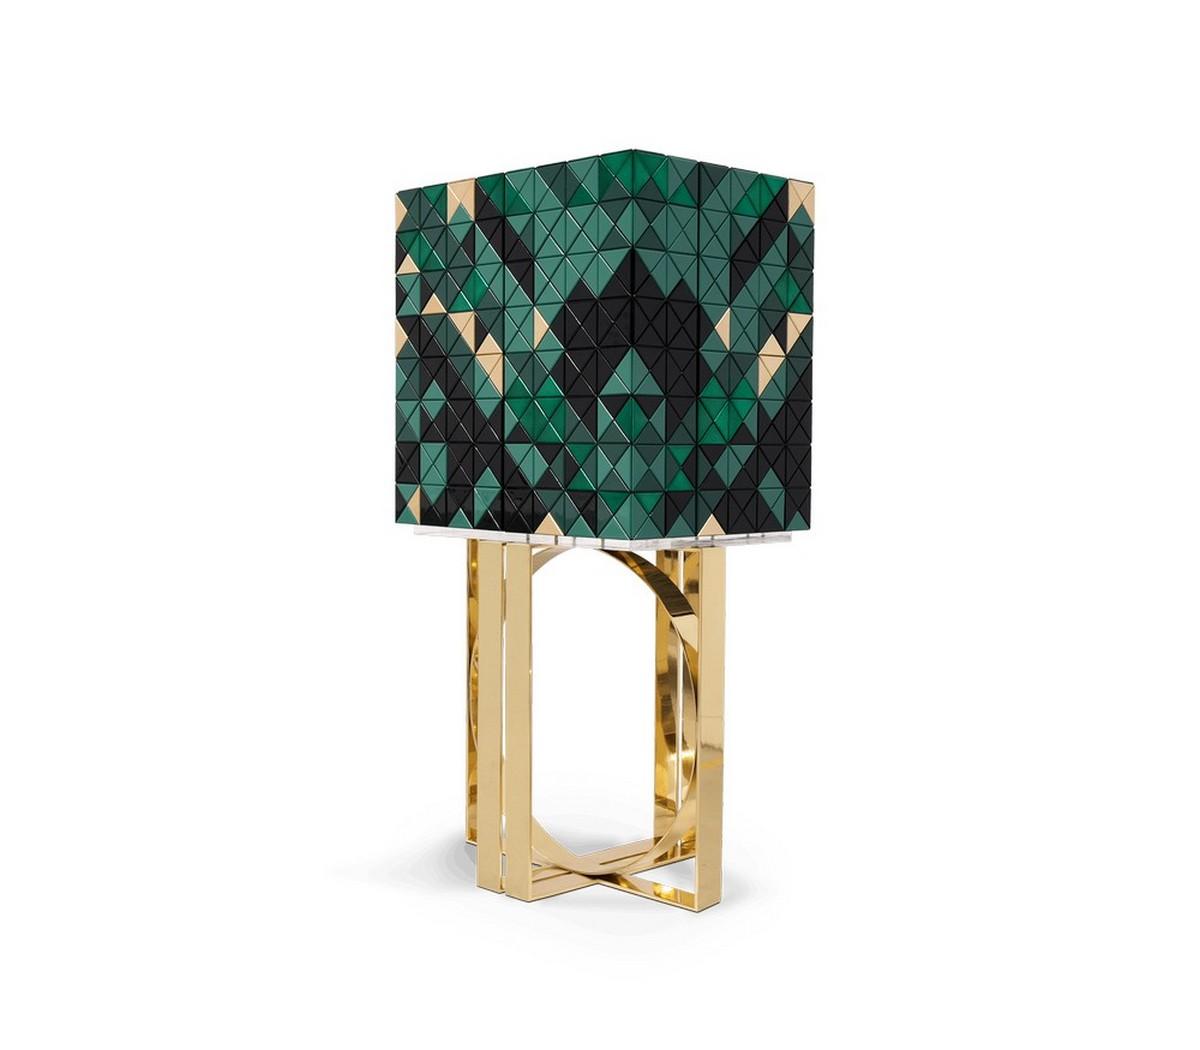 Diseño de Interiores: Armarios de Bar para un proyecto lujuoso diseño de interiores Diseño de Interiores: Armarios de Bar para un proyecto lujuoso pixel green cabinet 01 zoom boca do lobo 1